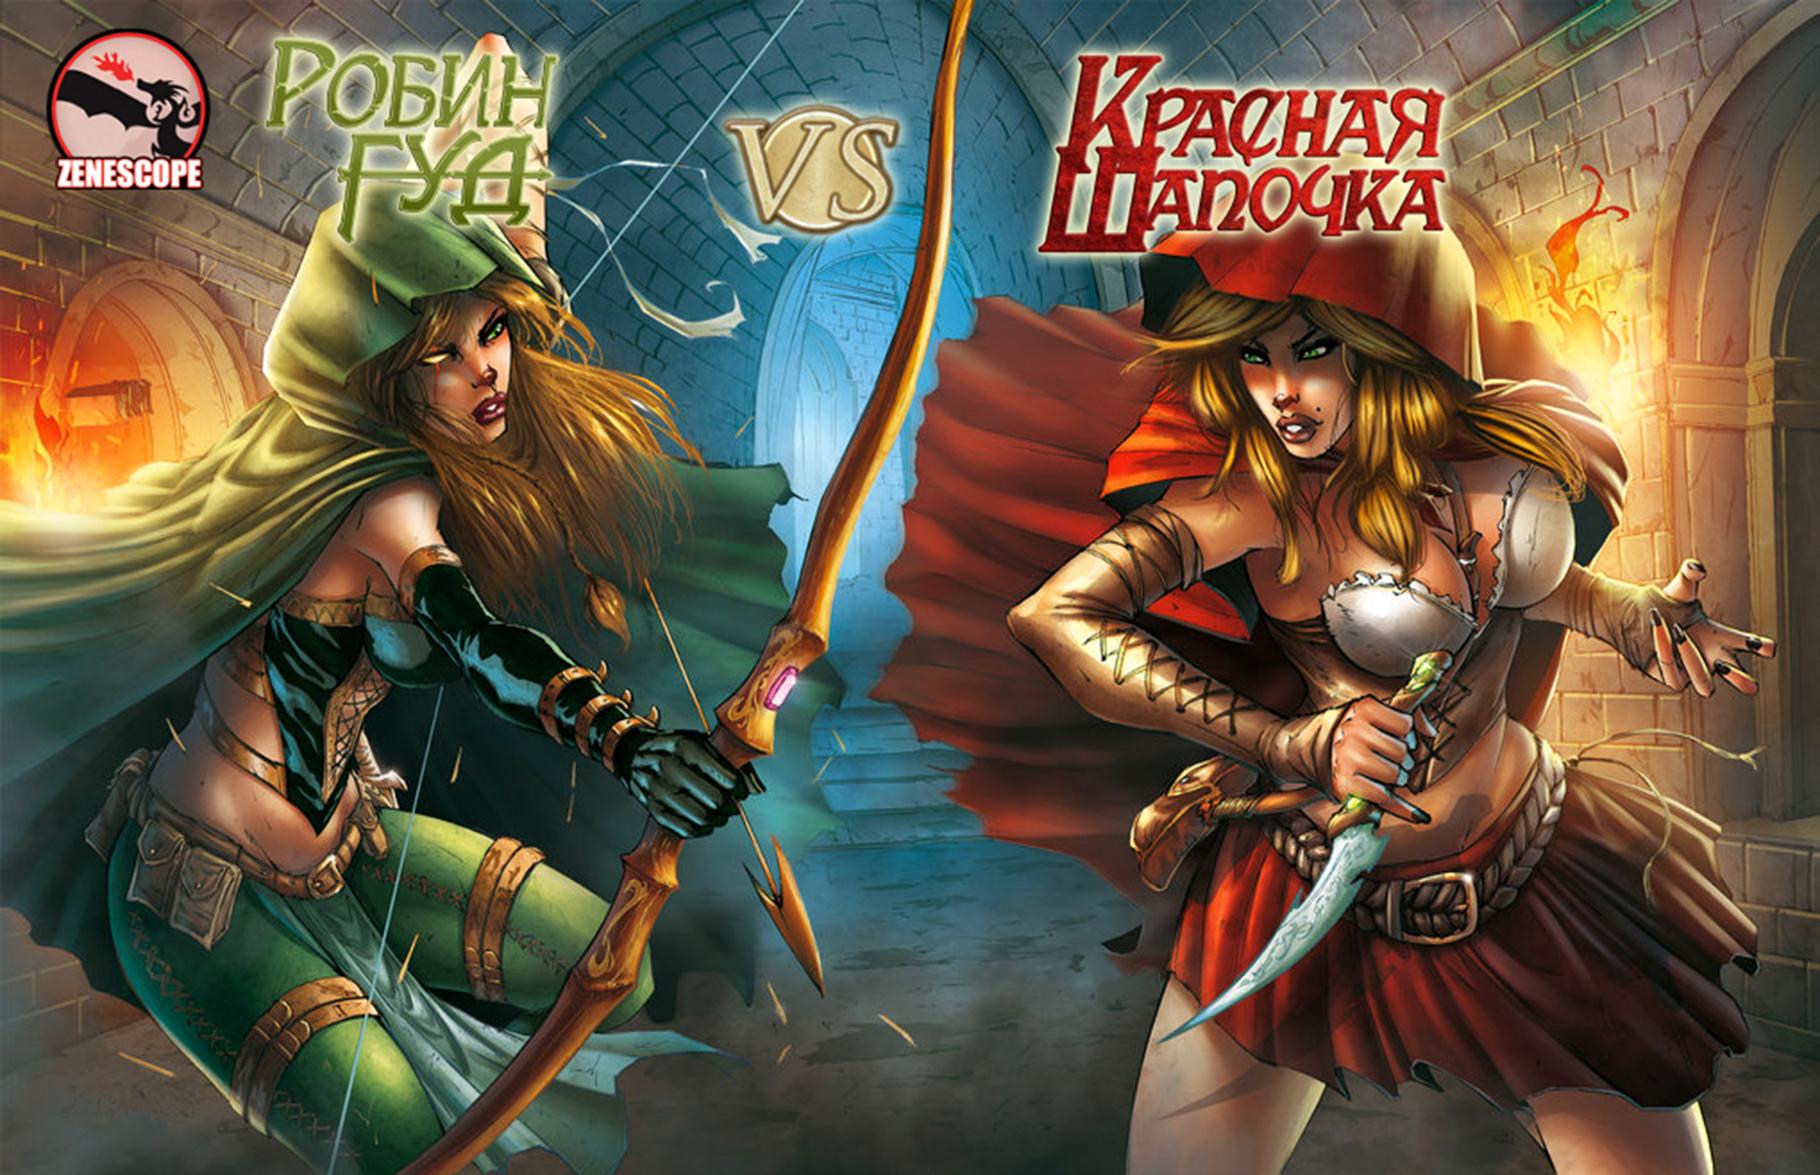 Комикс Сказки Братьев Гримм: Робин Гуд против Красной Шапочки